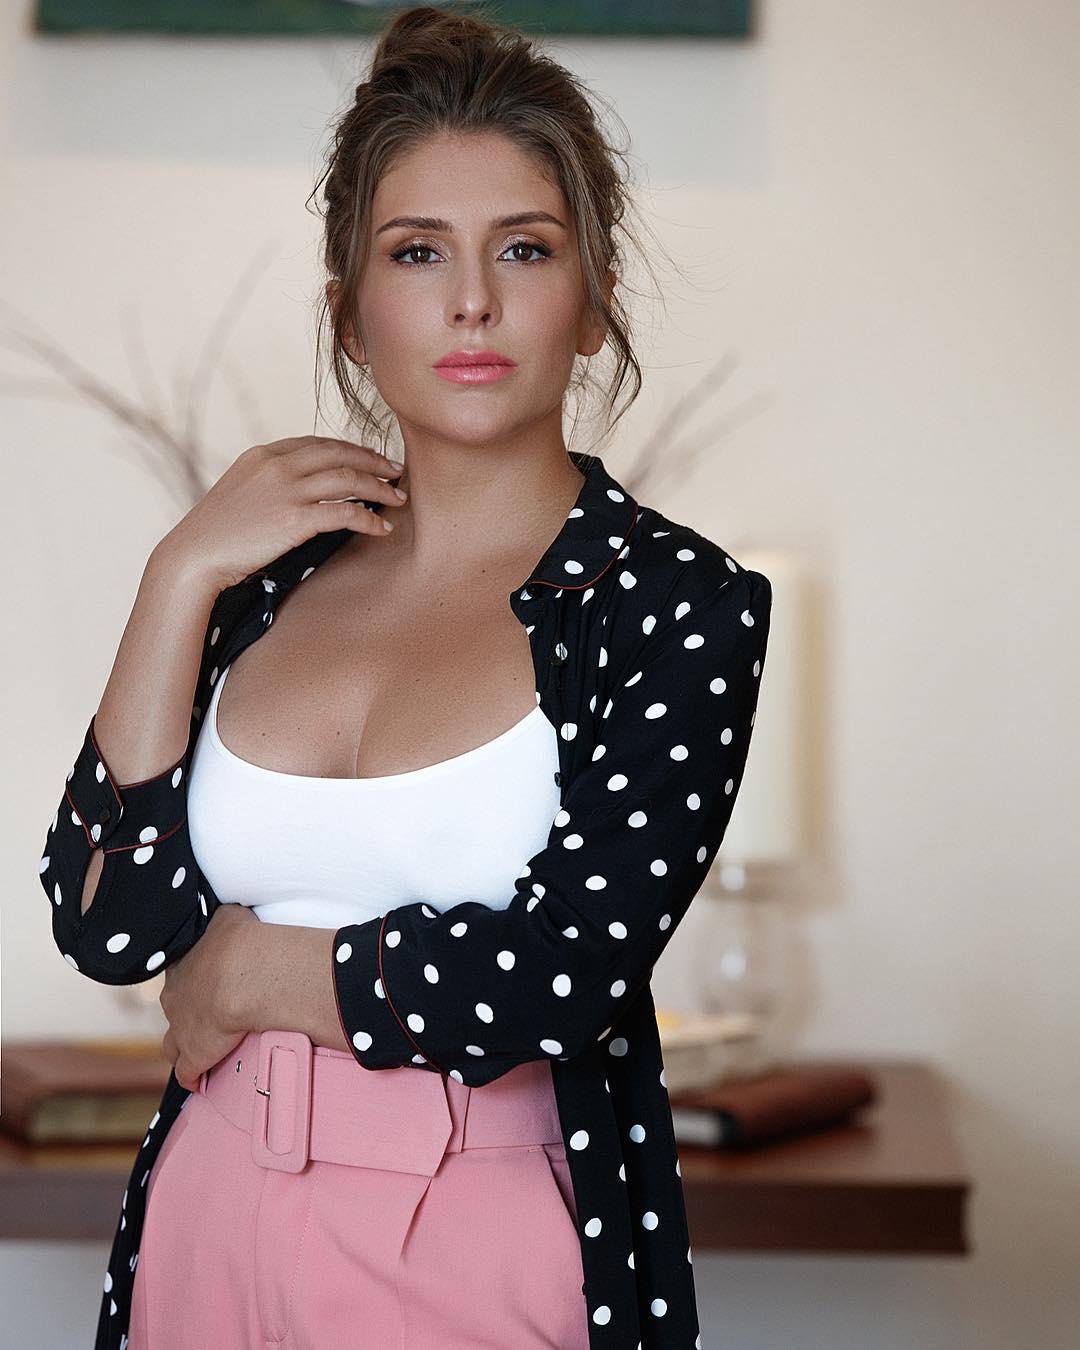 Валерия Кожевникова: Если вы являетесь причиной его отказа от какой-либо вредной привычки, вы также будете причиной его возвращения к ней ) #mylife #love #валериякожевникова #valeriakozhevnikova